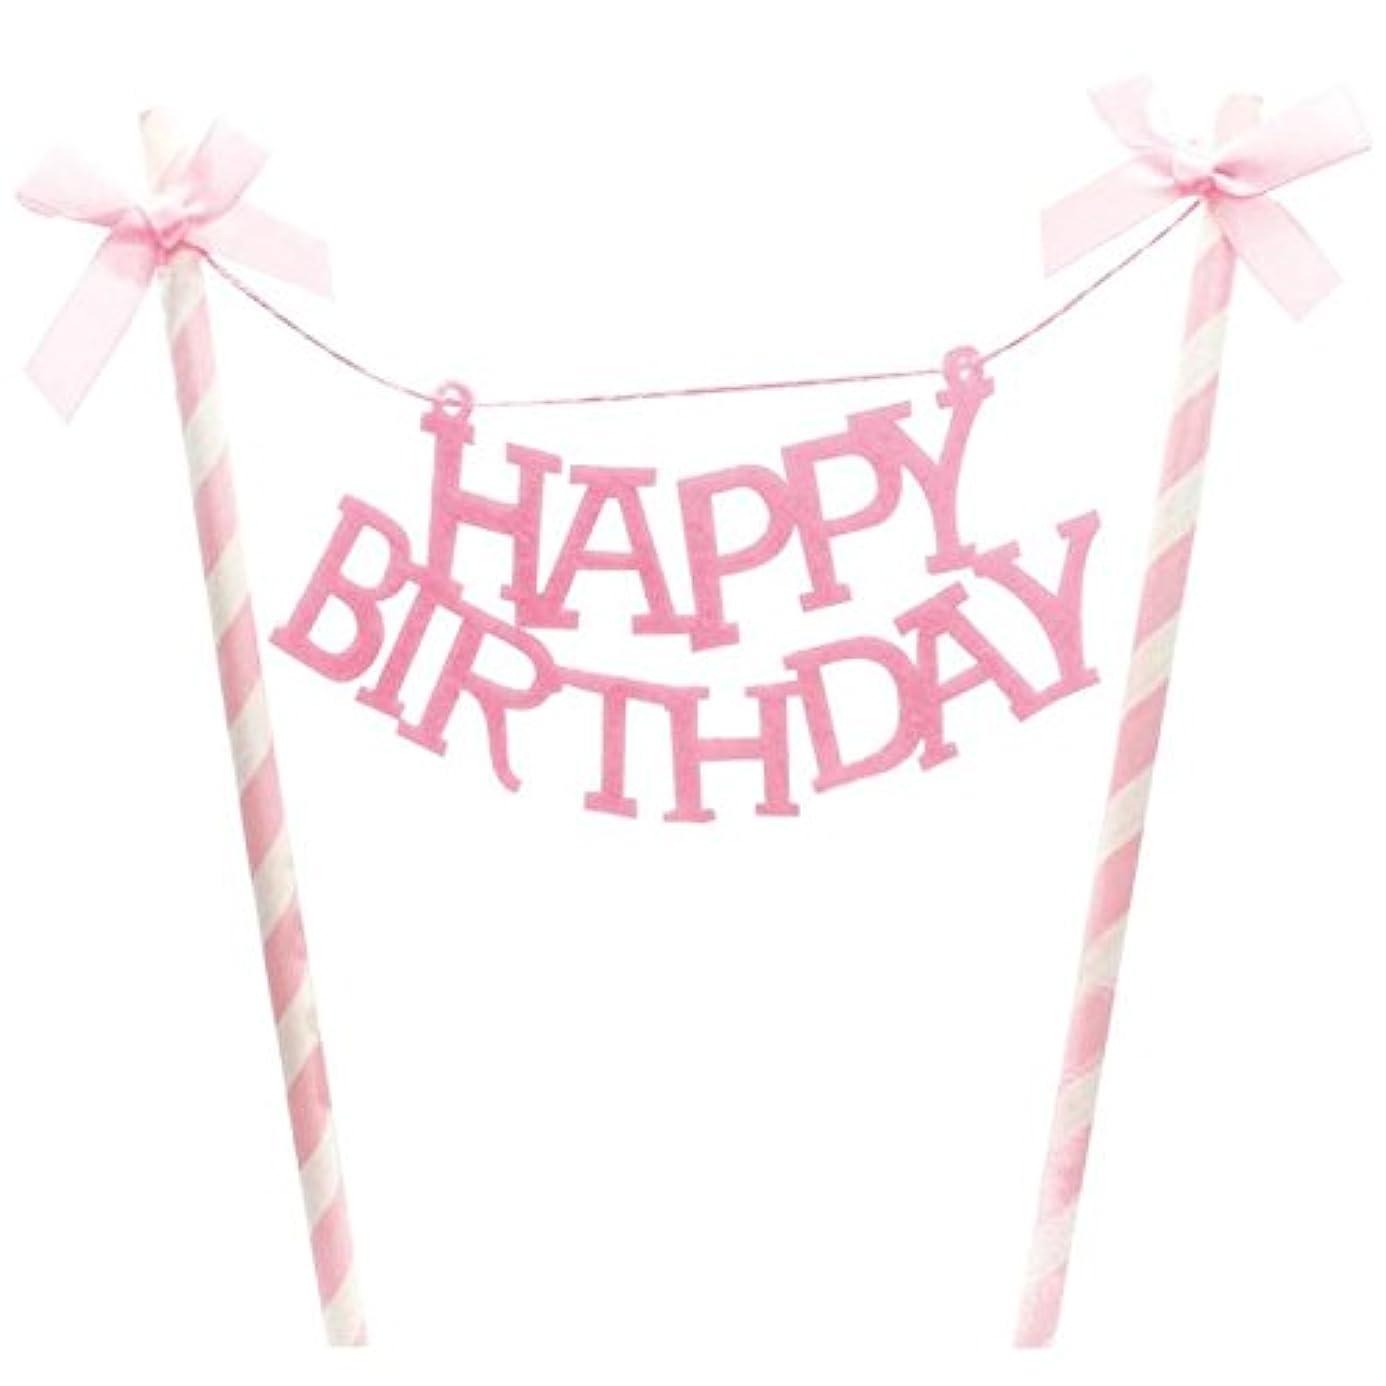 創造バトルタック誕生日 飾り付け ケーキ 飾り かわいい ガーランド トッパー ケーキトッパー ケーキピック 1歳 女の子 (ピンク)